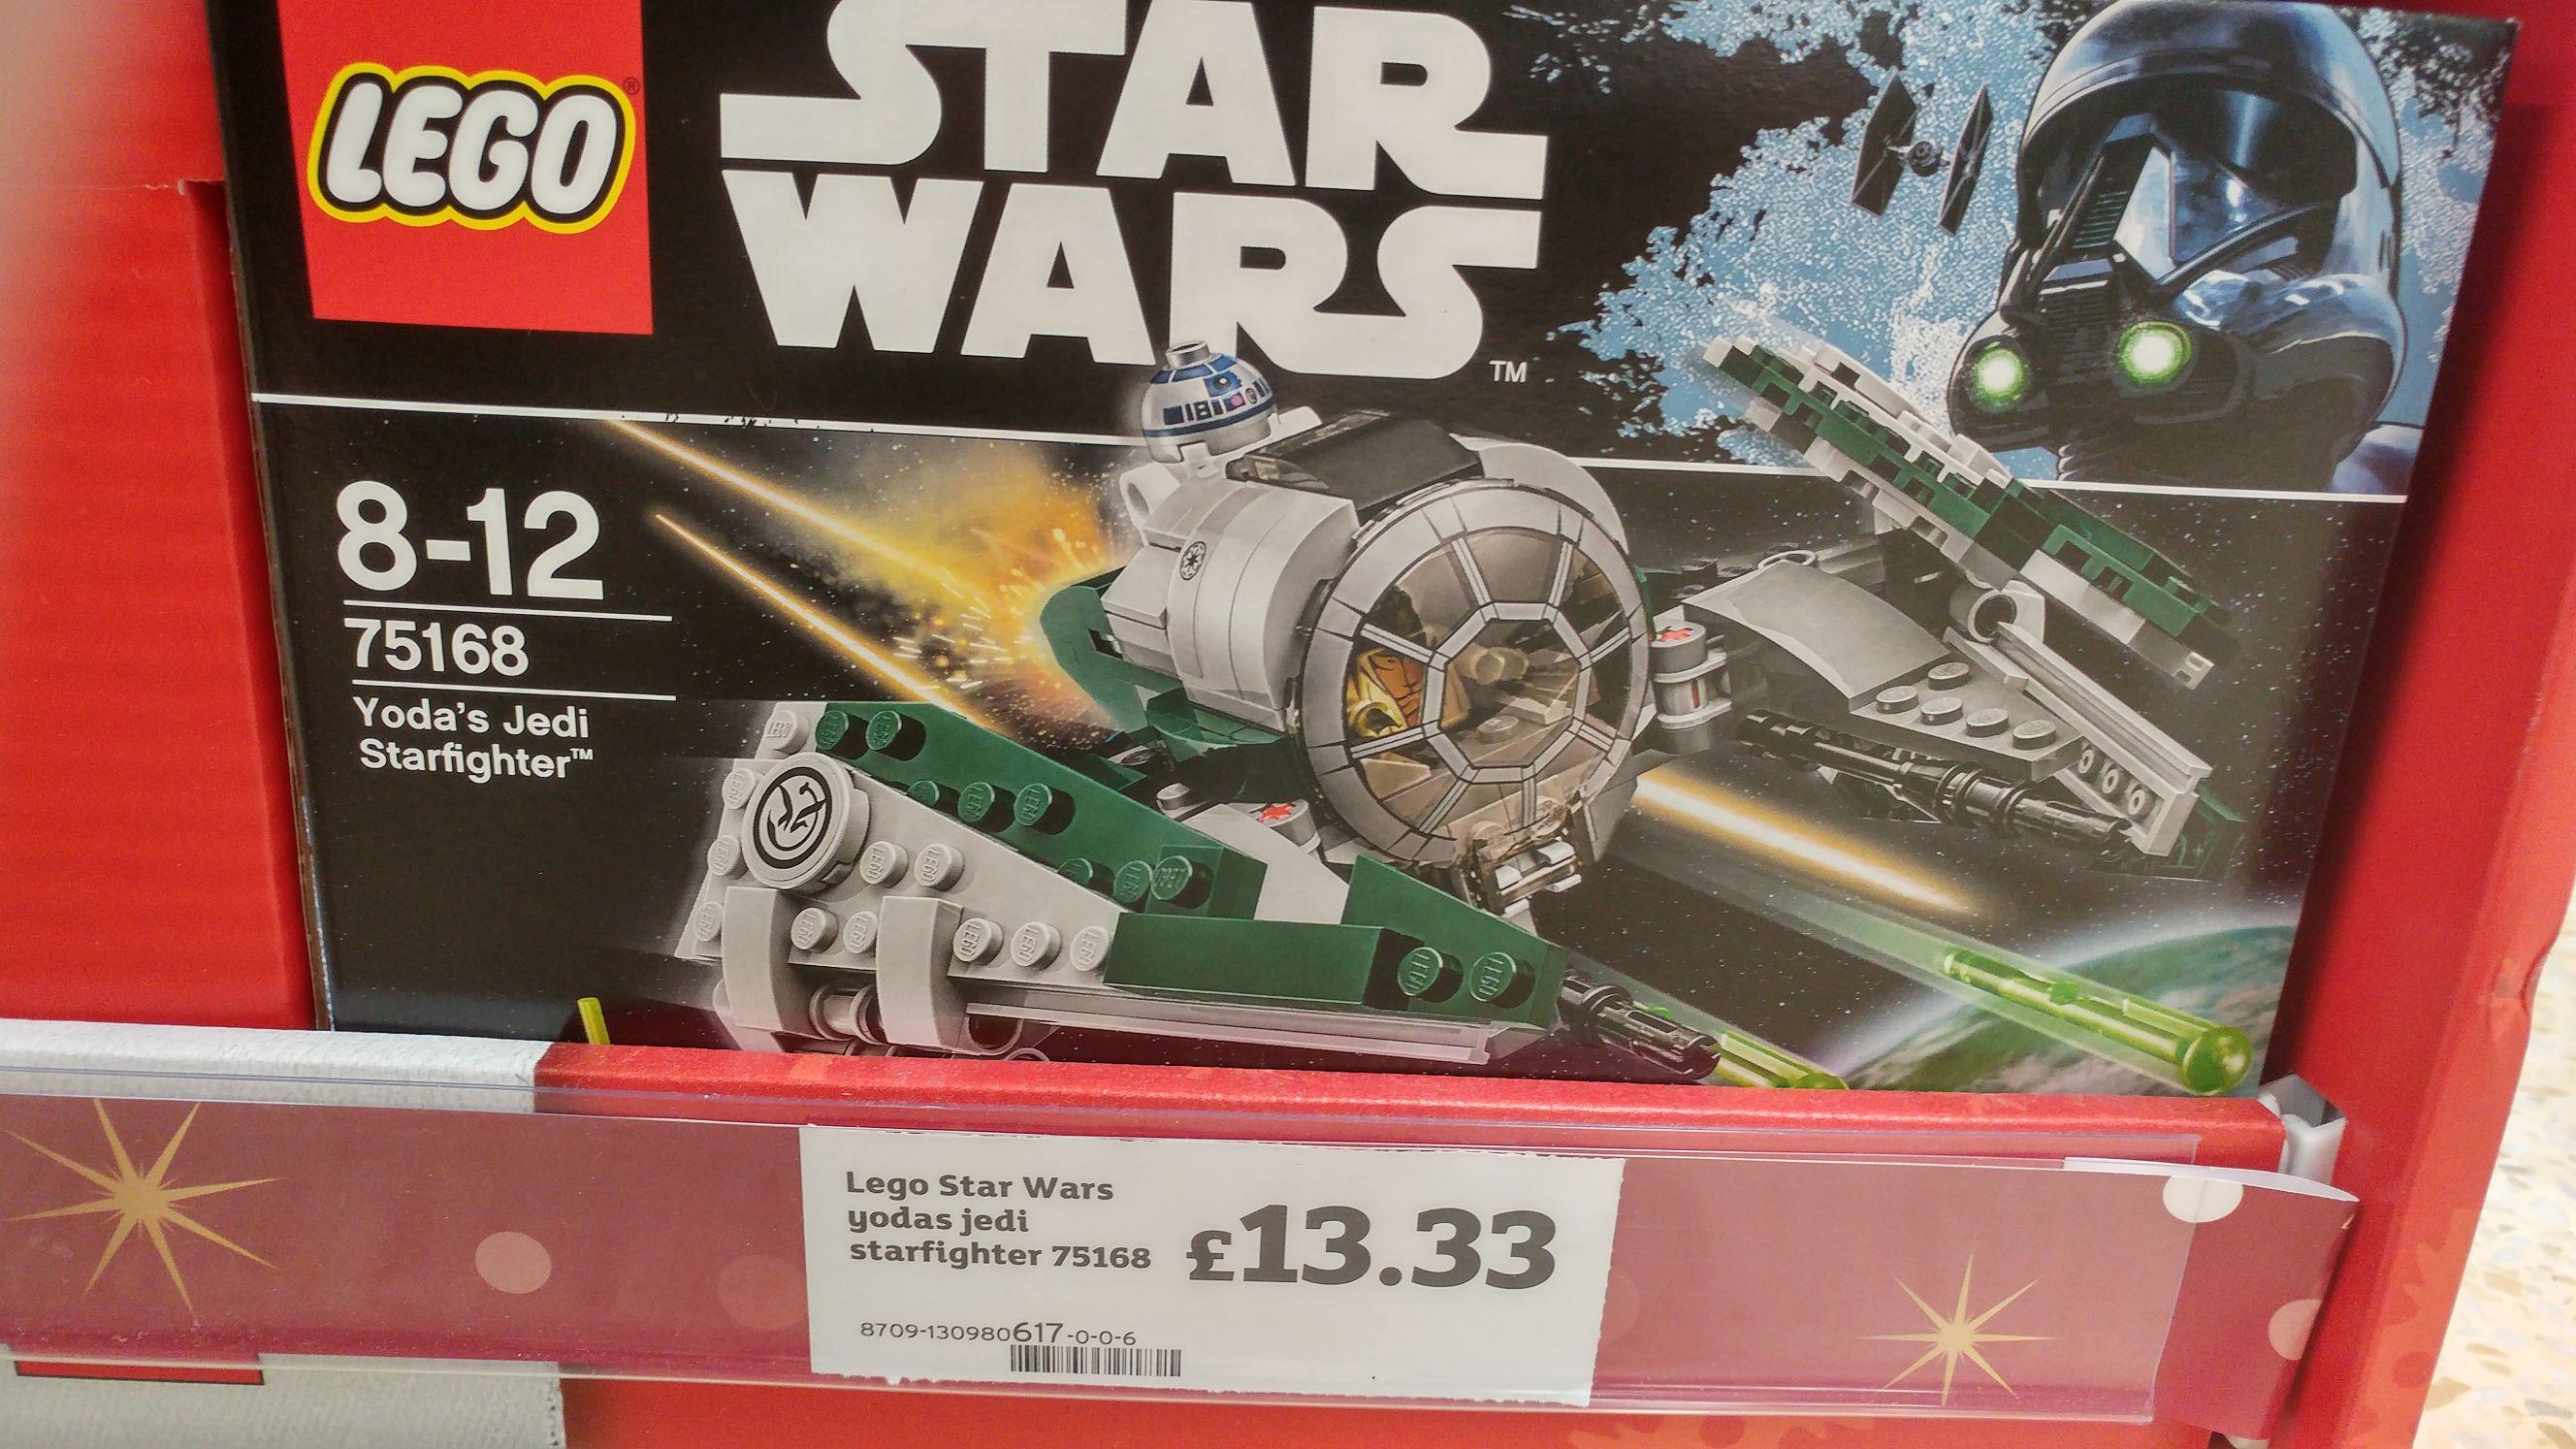 Lego Star Wars - Yoda's Starfighter £13.33 instore @ Sainsbury's